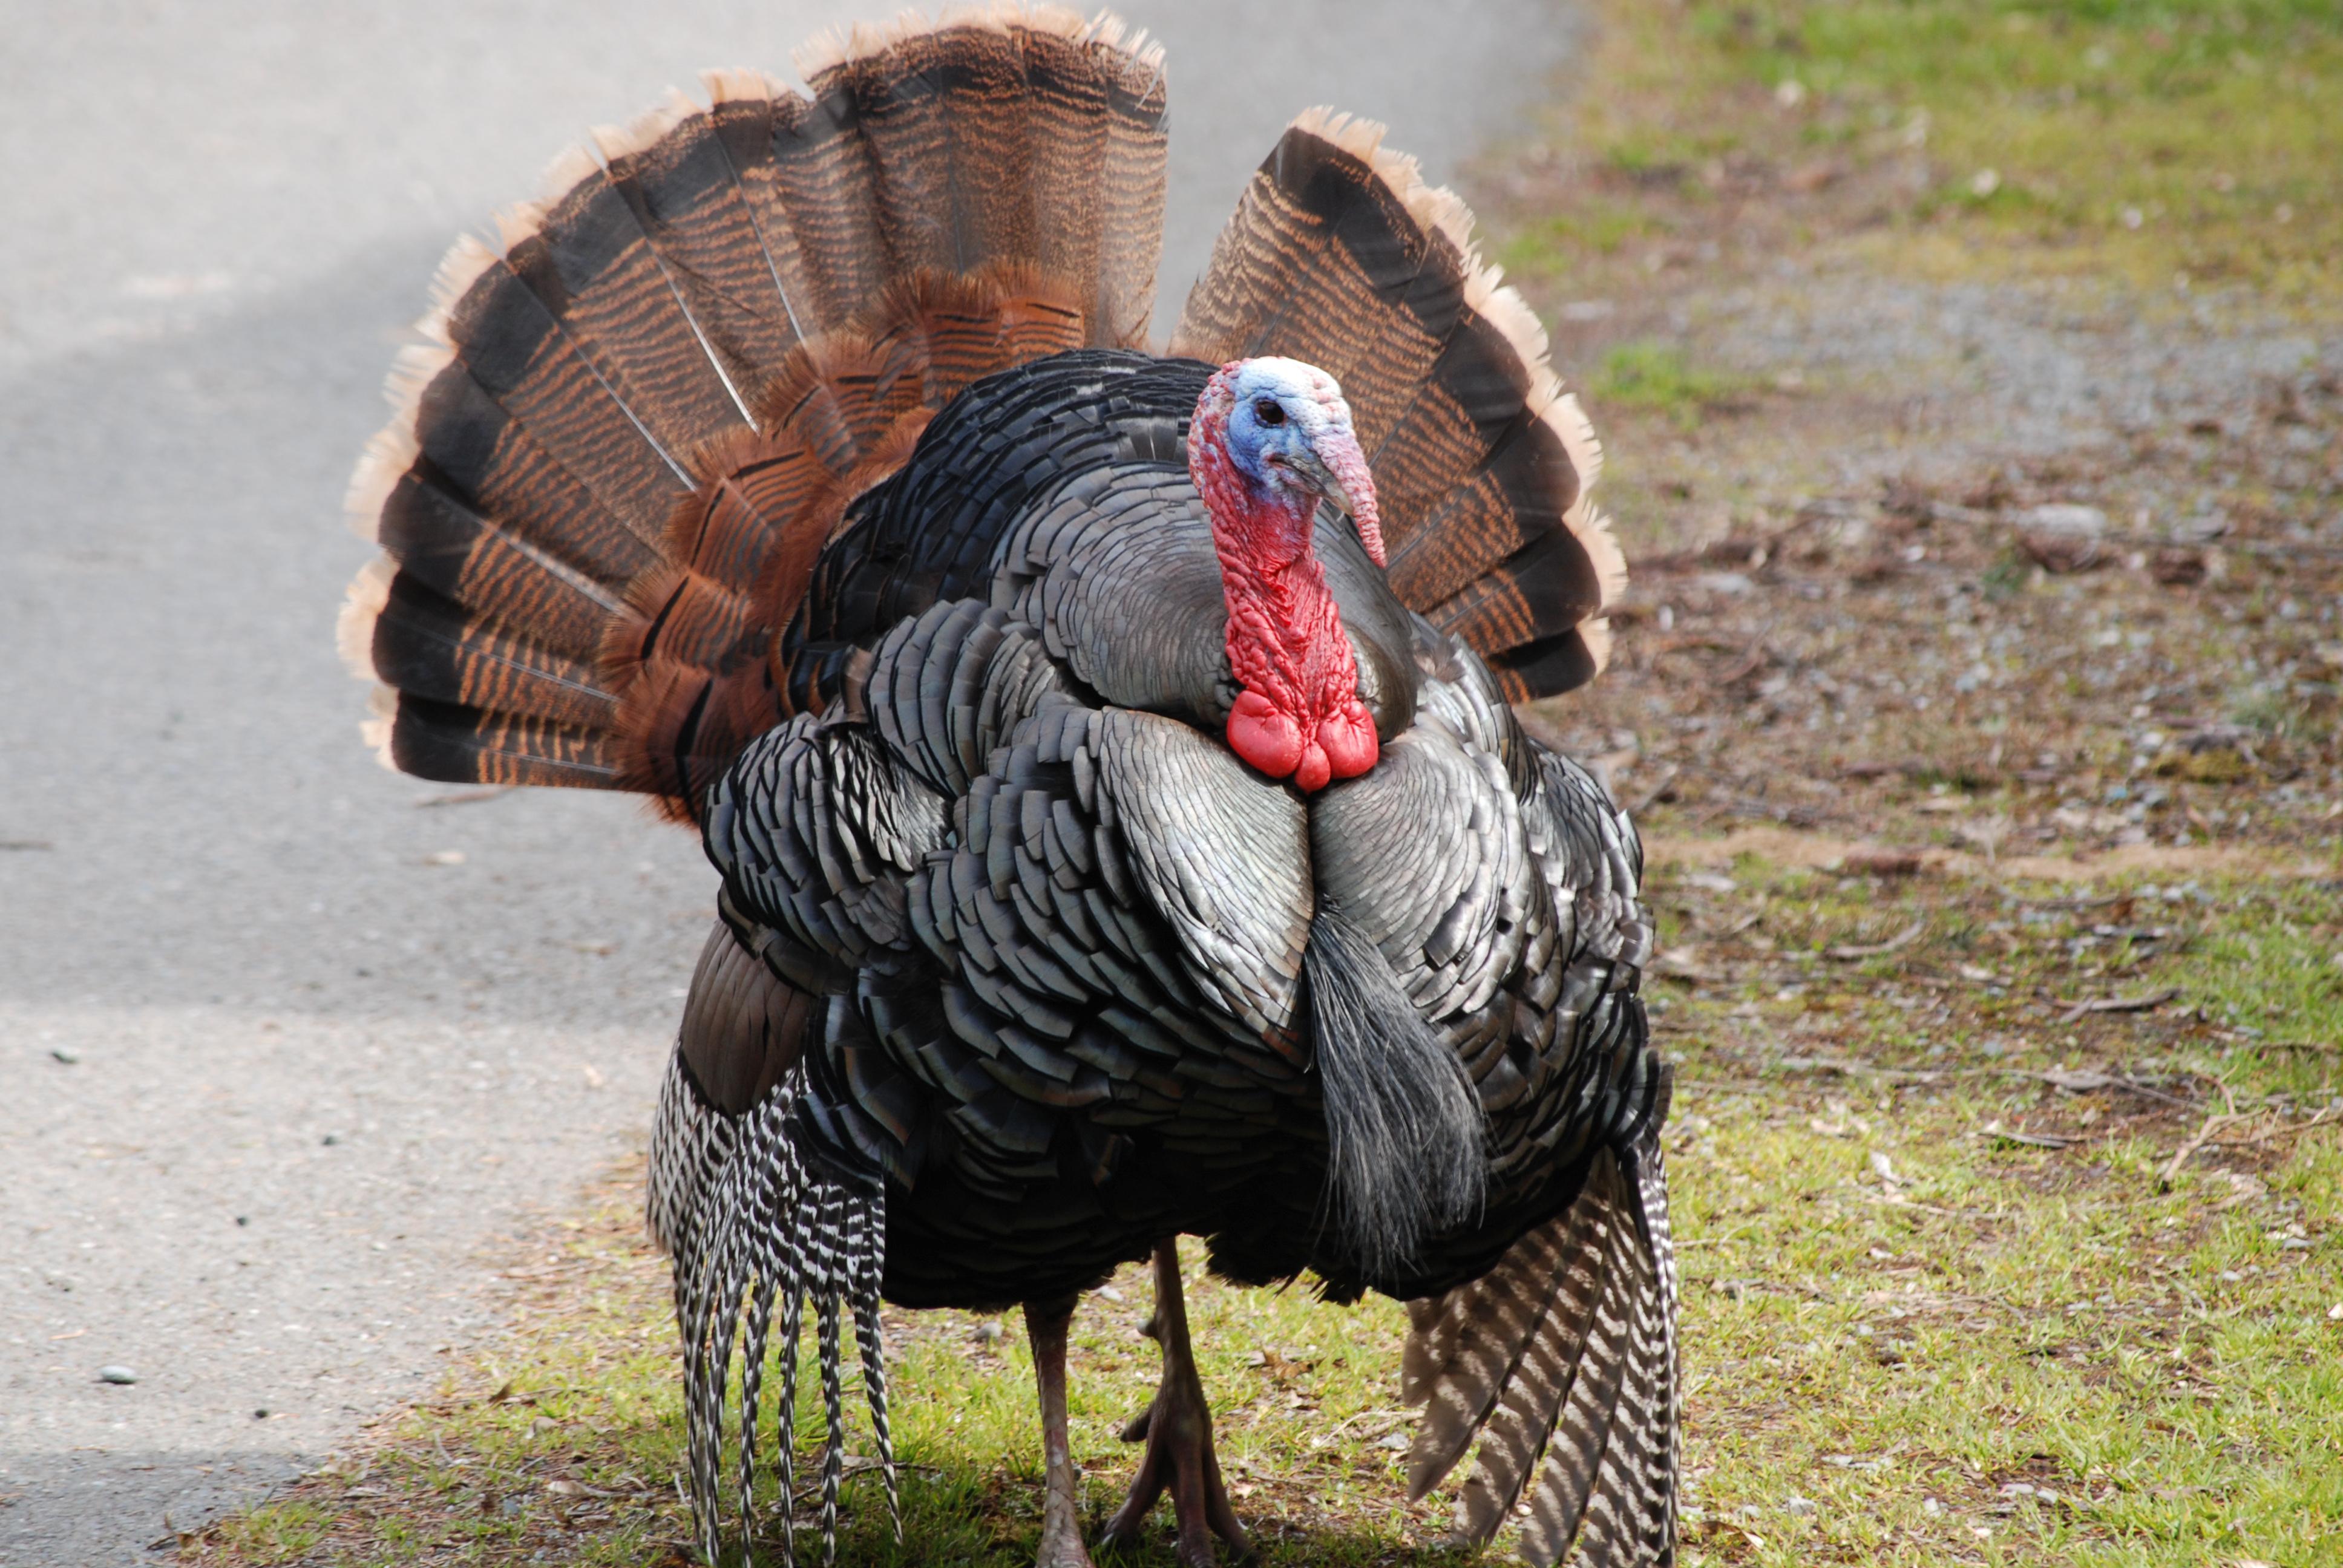 Turkey Bird Eating Food